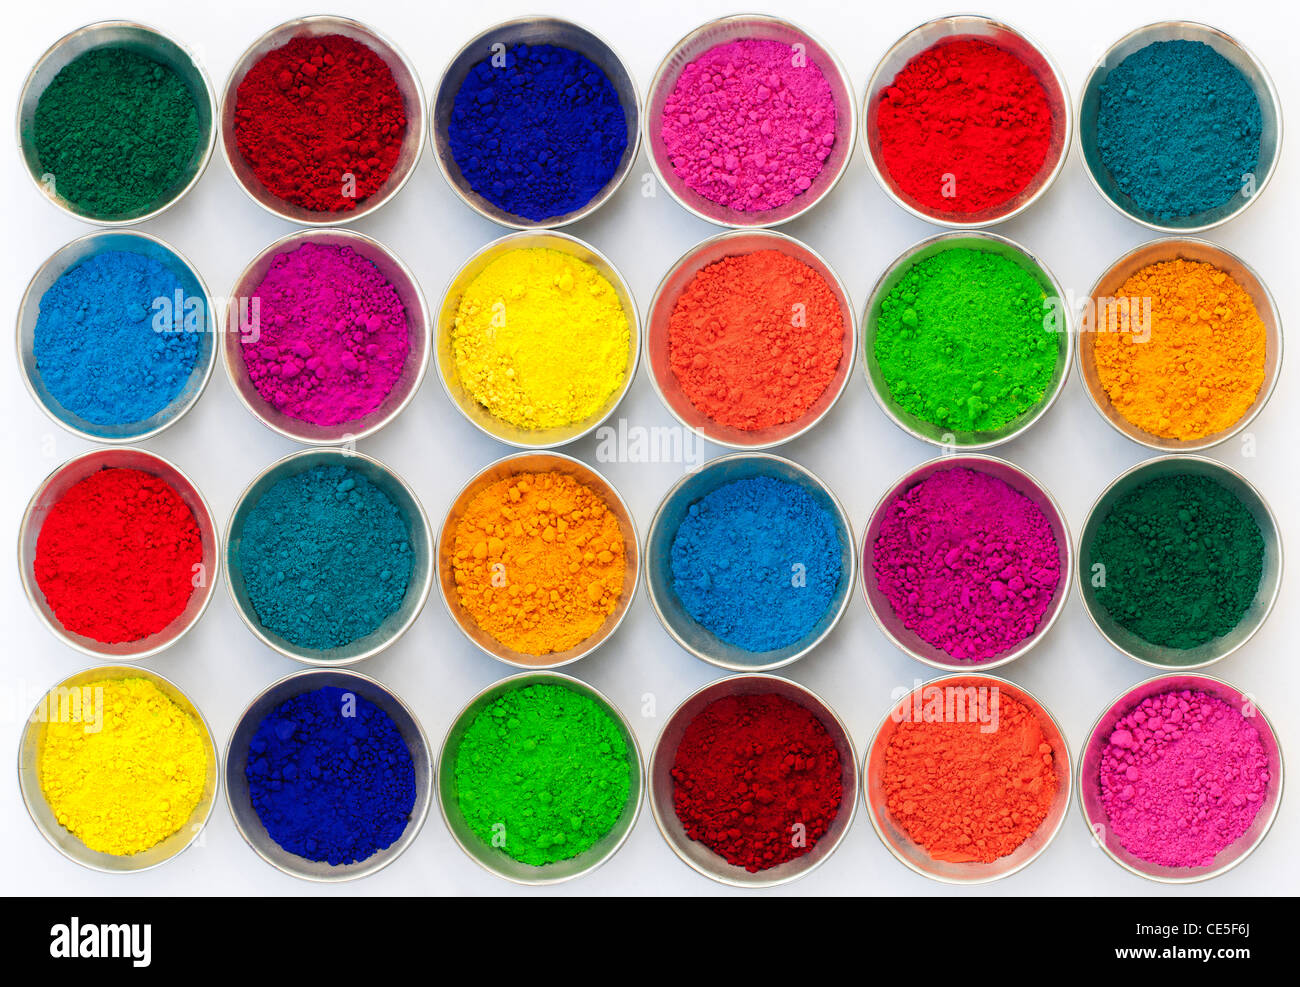 Indiano colorato in polvere in ciotole di metallo utilizzato per la realizzazione di disegni e modelli rangoli. Immagini Stock